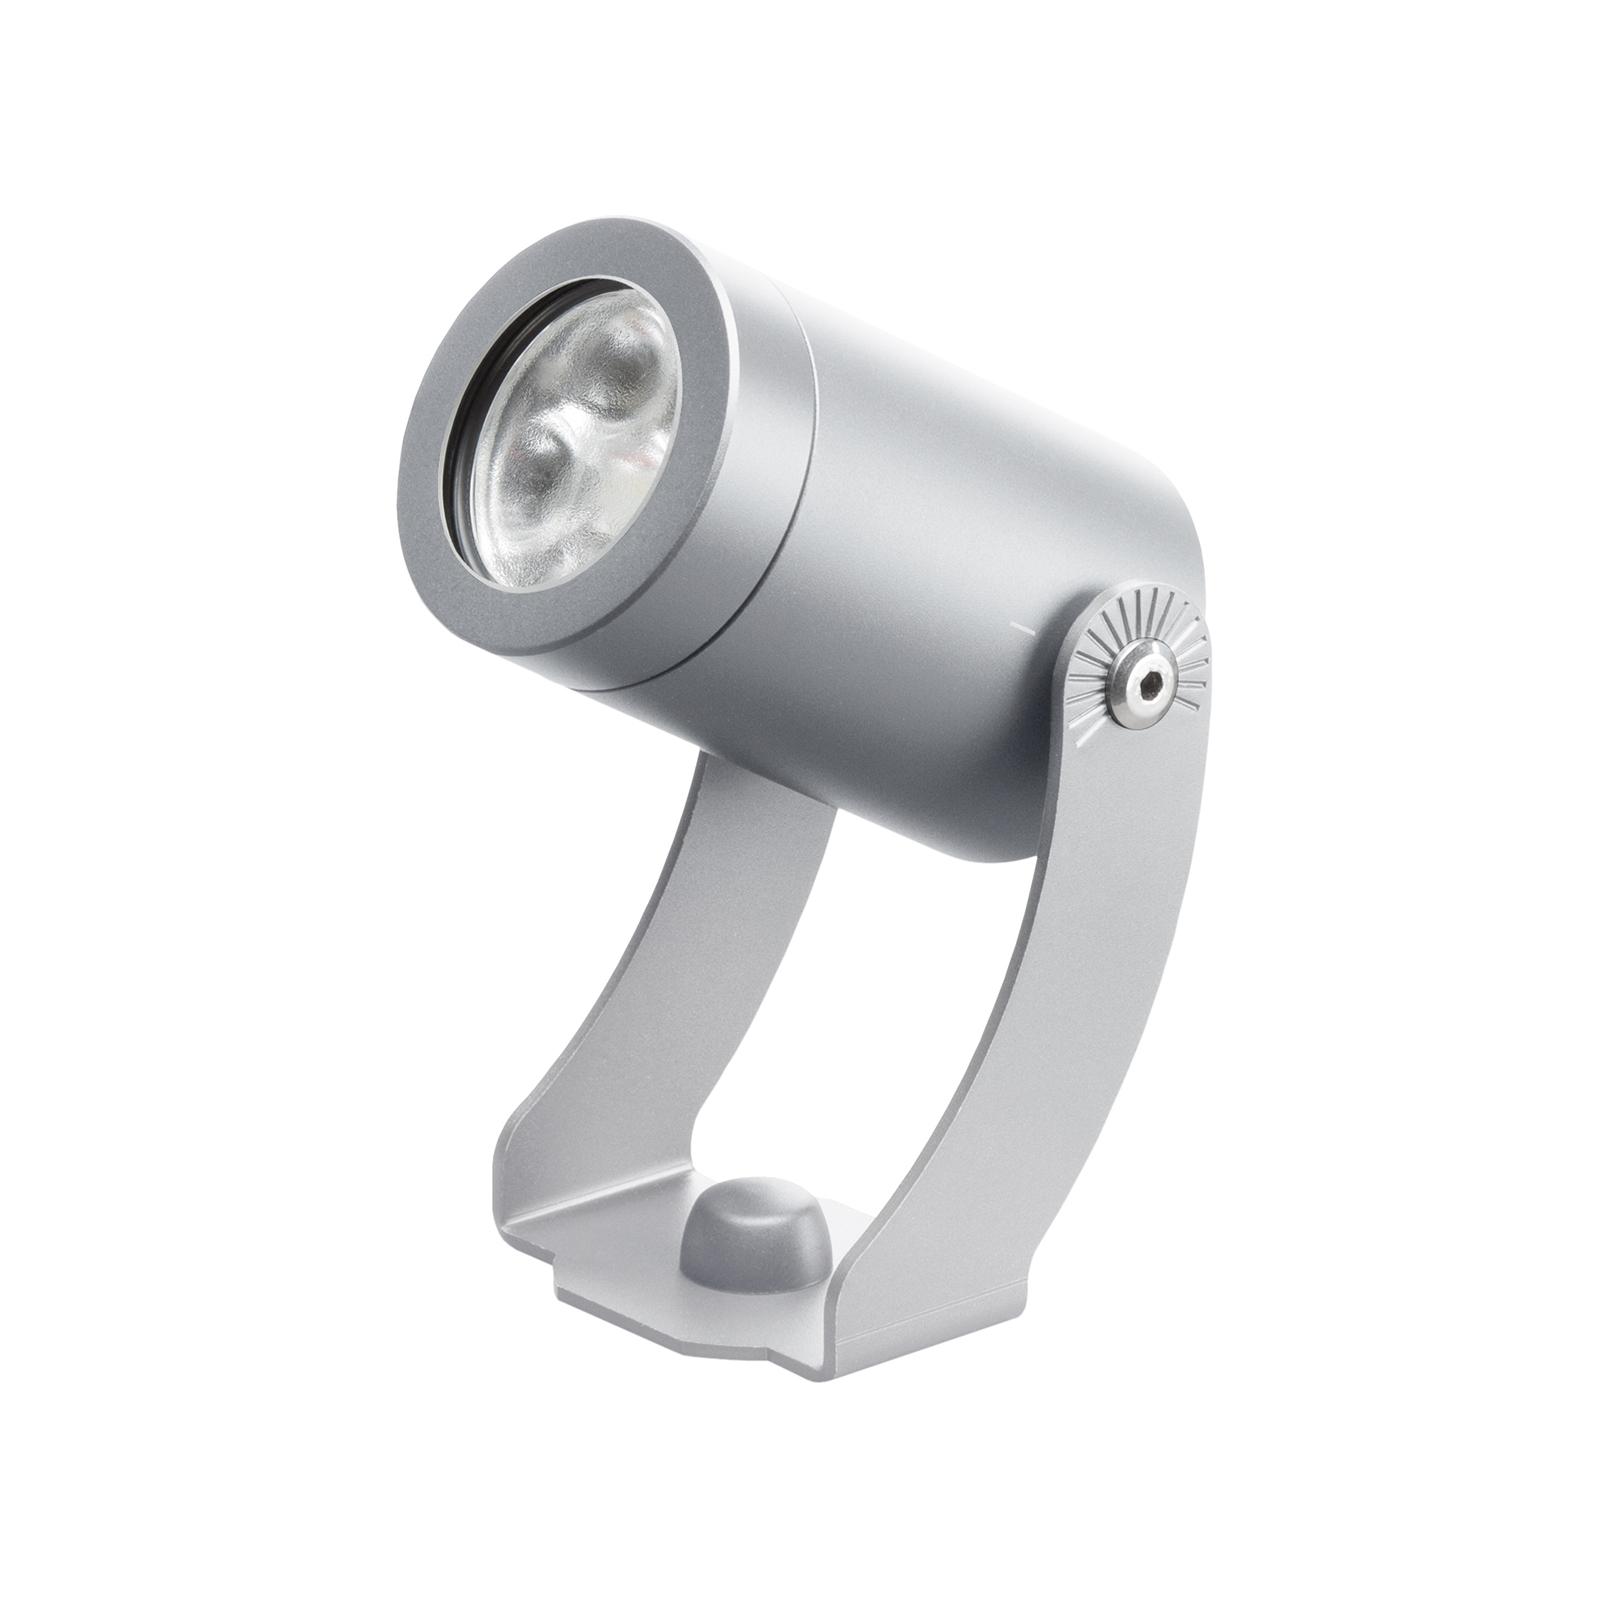 LED-Außenstrahler 1441LED, silber, 30°